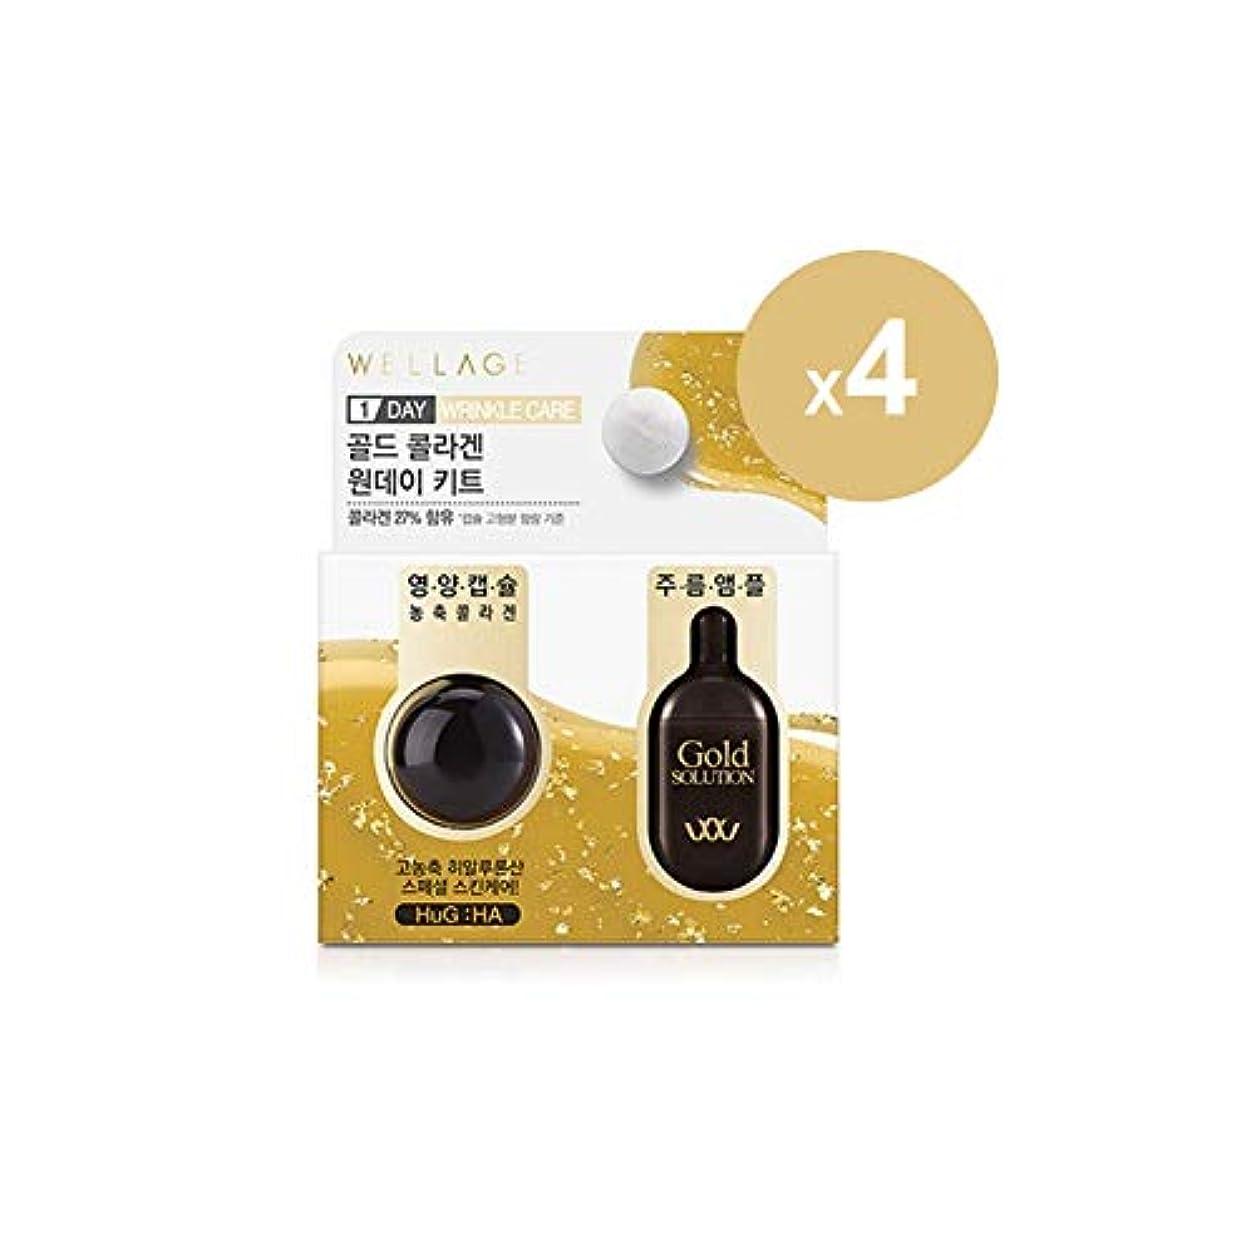 果てしない先駆者シビックwellage☆Real Collagen Bio Capsule&Gold Solution☆ウェルラジュ ゴールドコラーゲン1dayキット [並行輸入品]